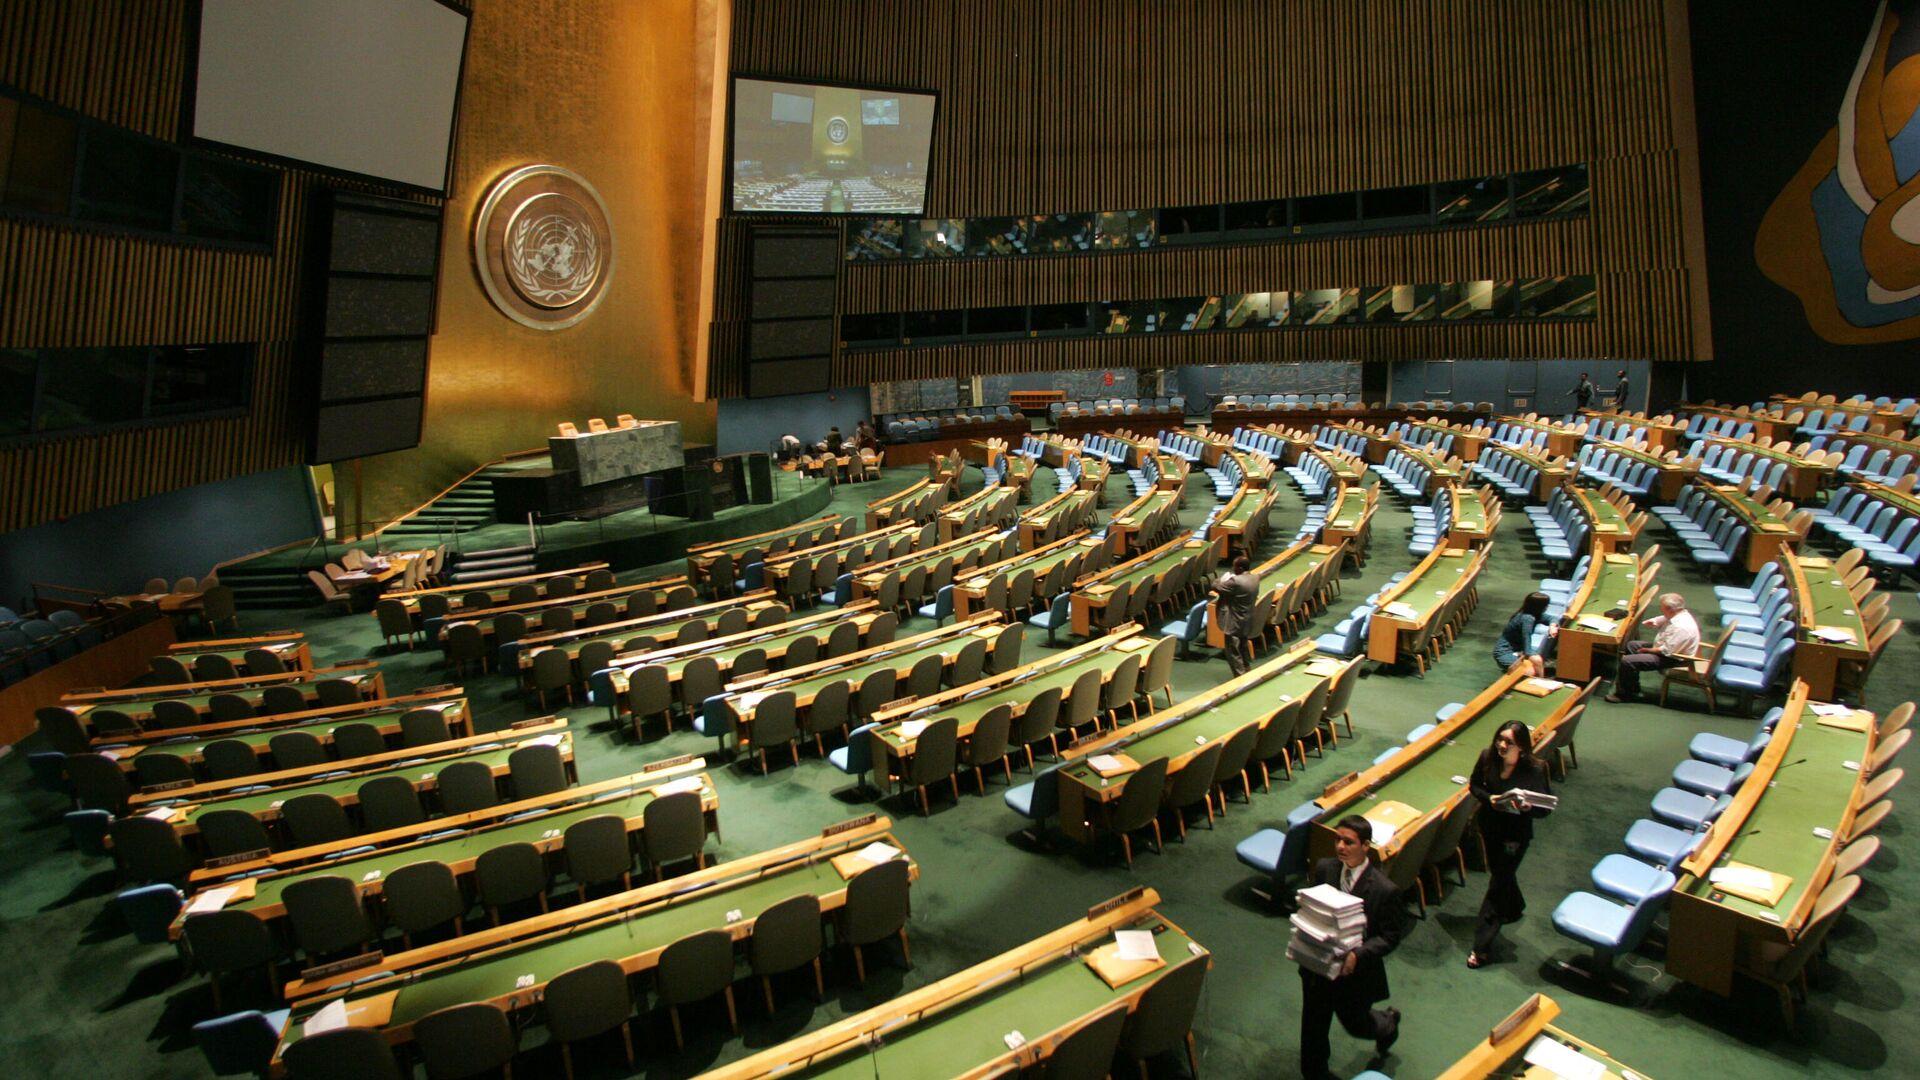 Зал Генассамблеи Организации Объединенных Наций в Нью-Йорке - РИА Новости, 1920, 22.09.2020